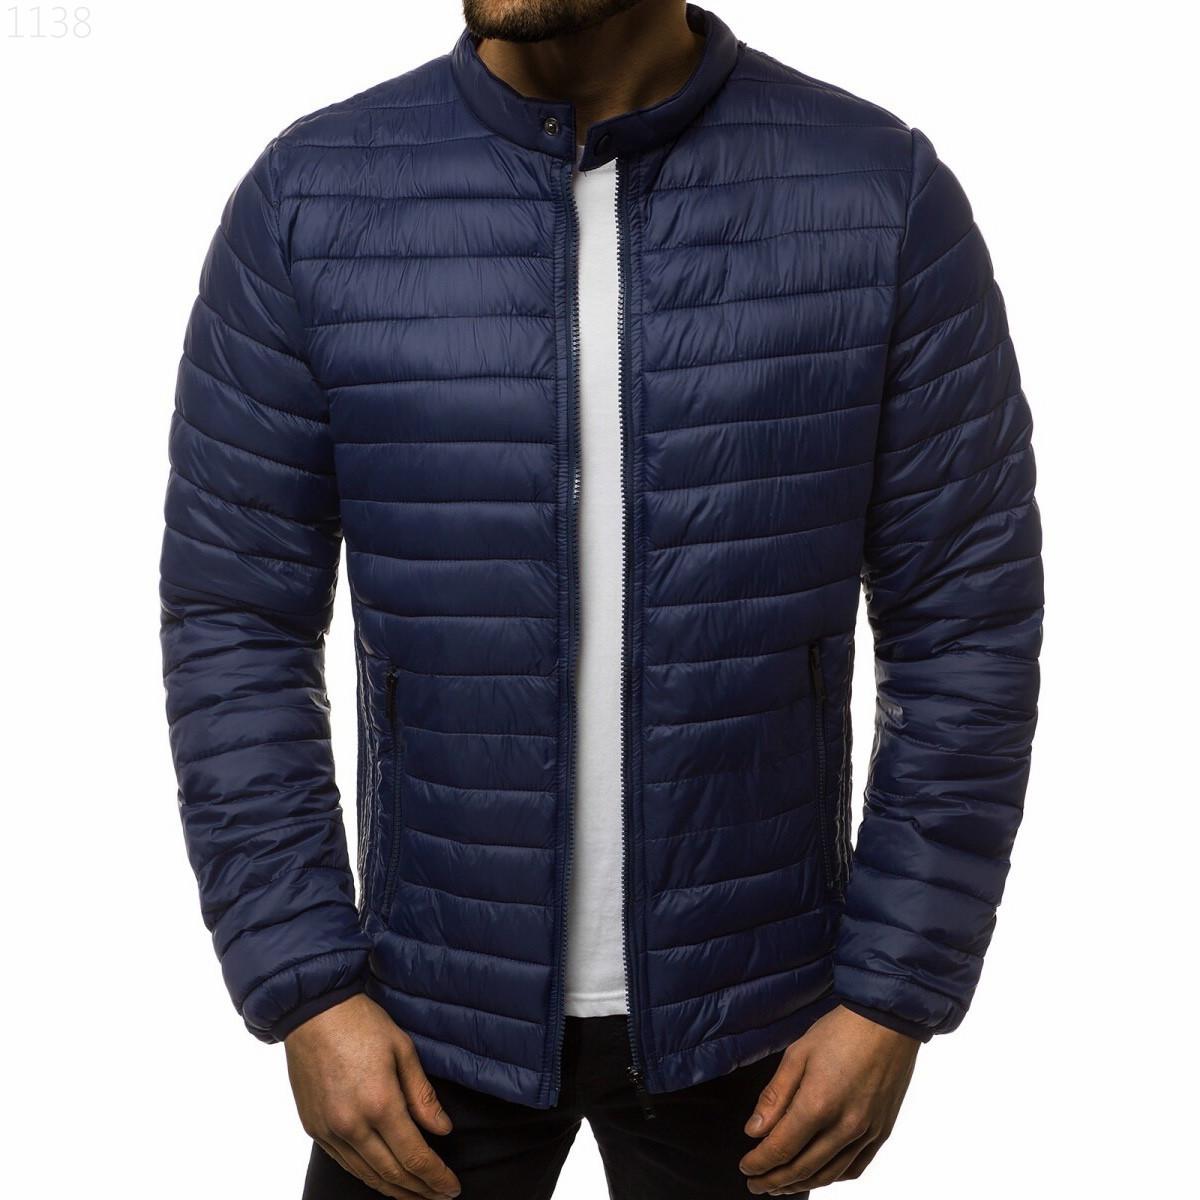 Куртка мужская на весну и осень из качественного полиэстера синего цвета